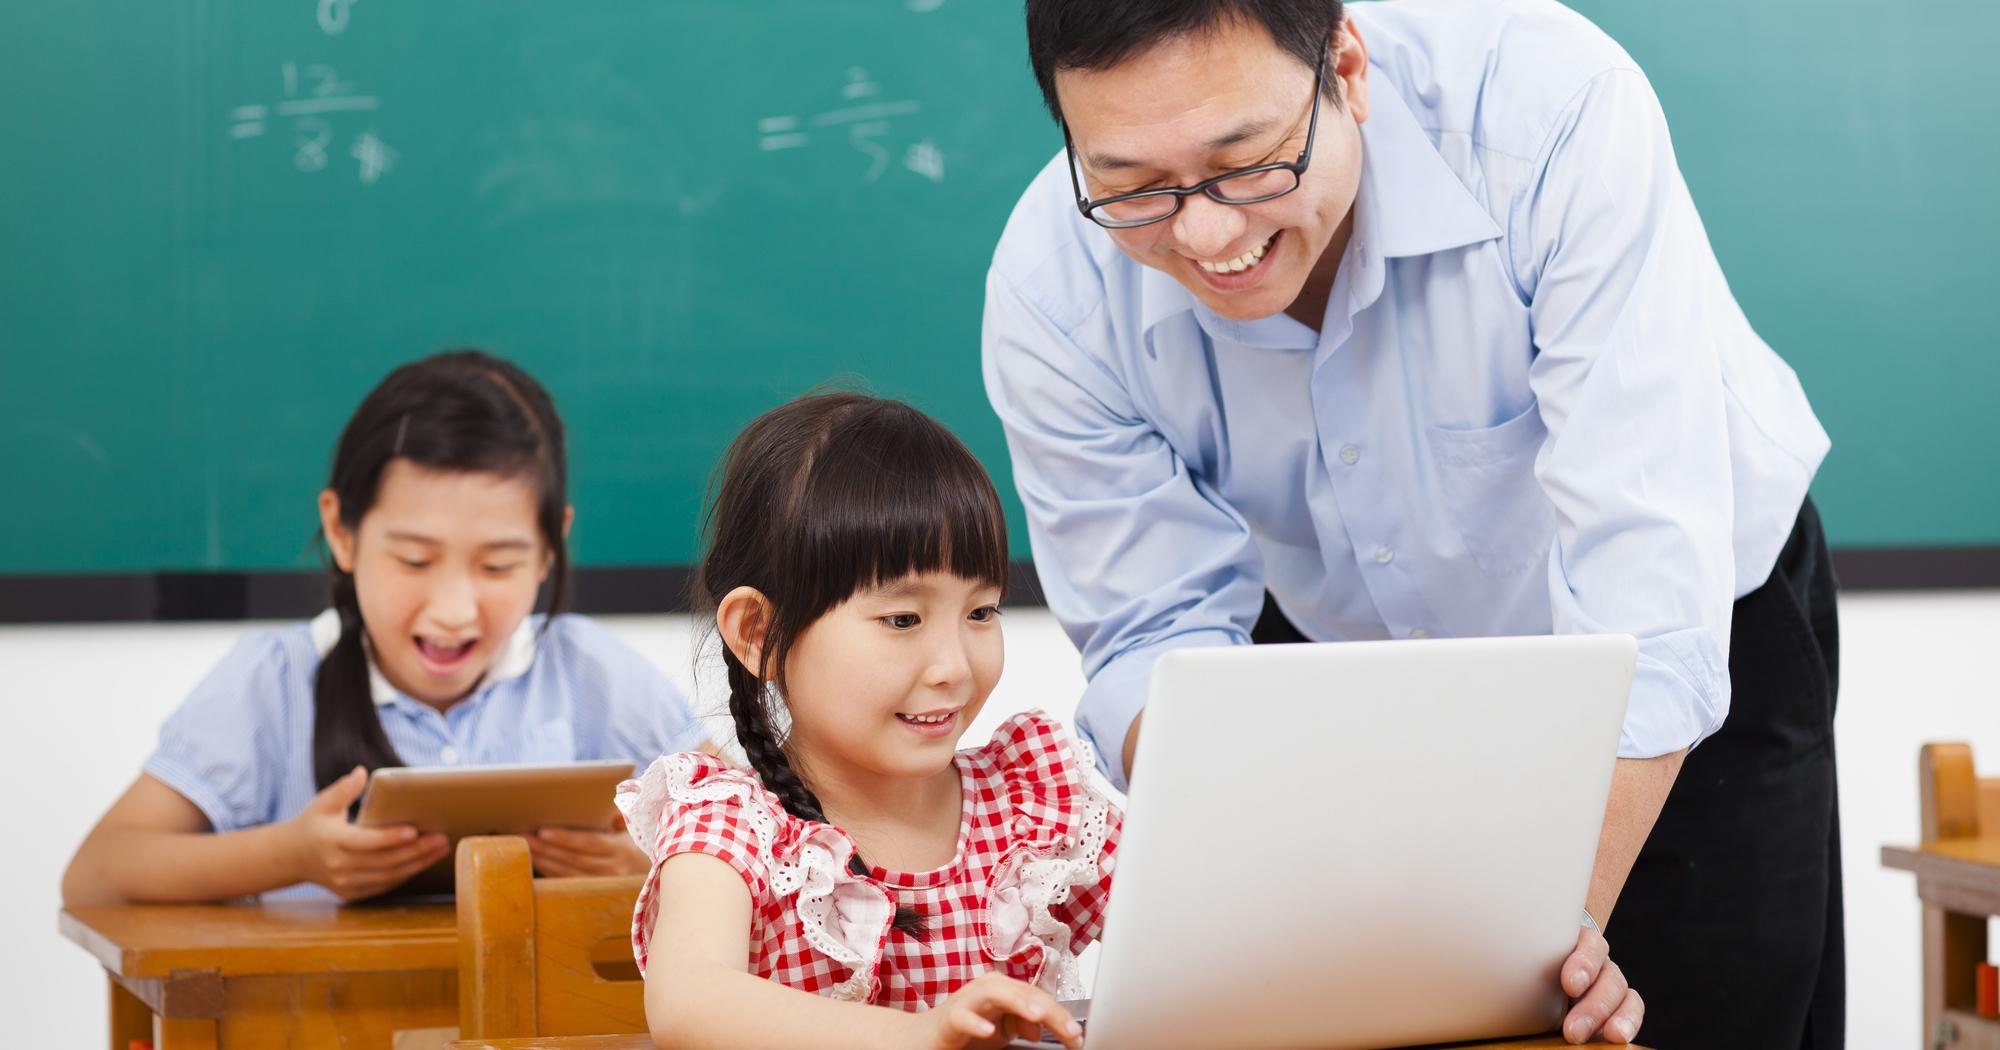 時給30万円!中国で話題の「高給フリー教師」の実態